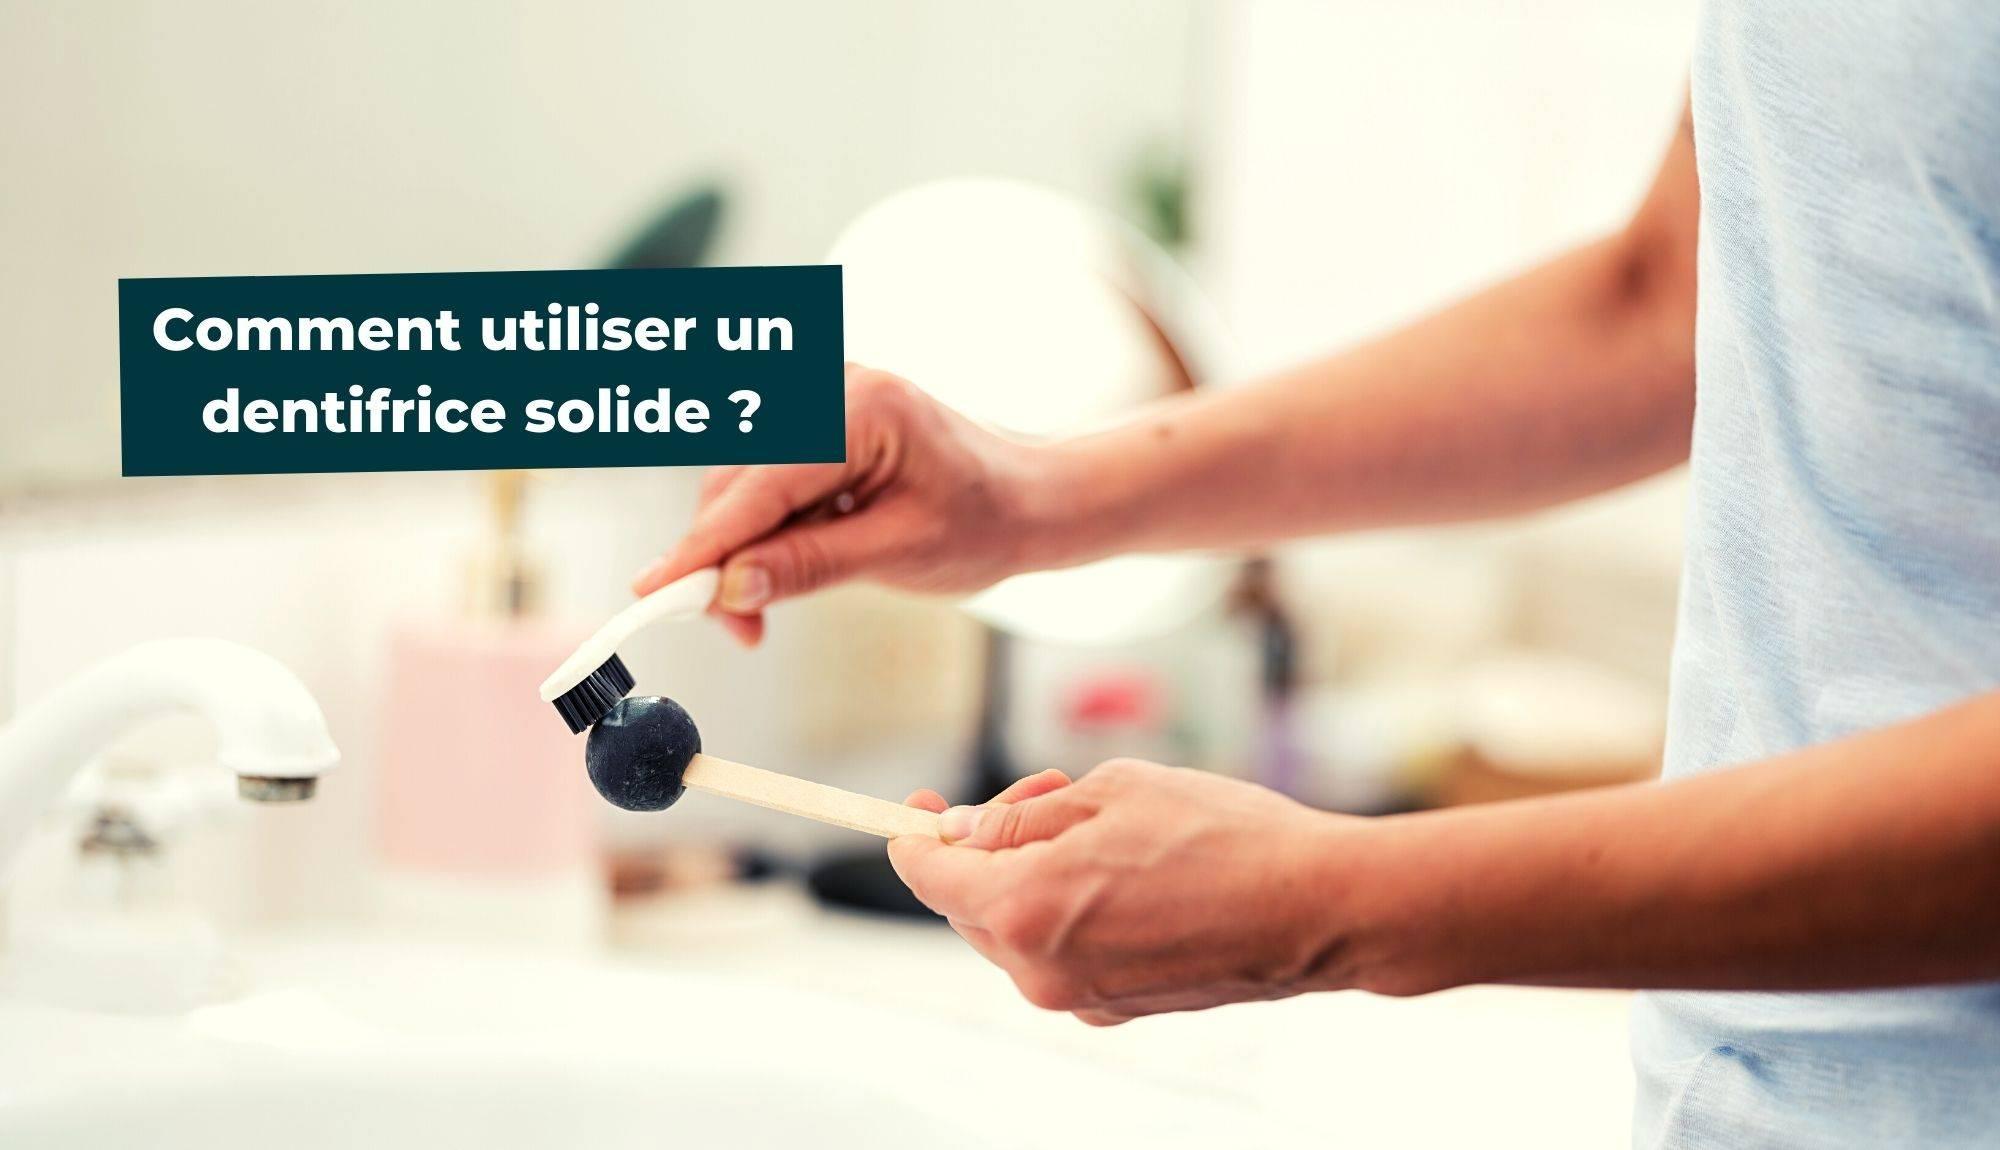 Comment utiliser un dentifrice solide ?